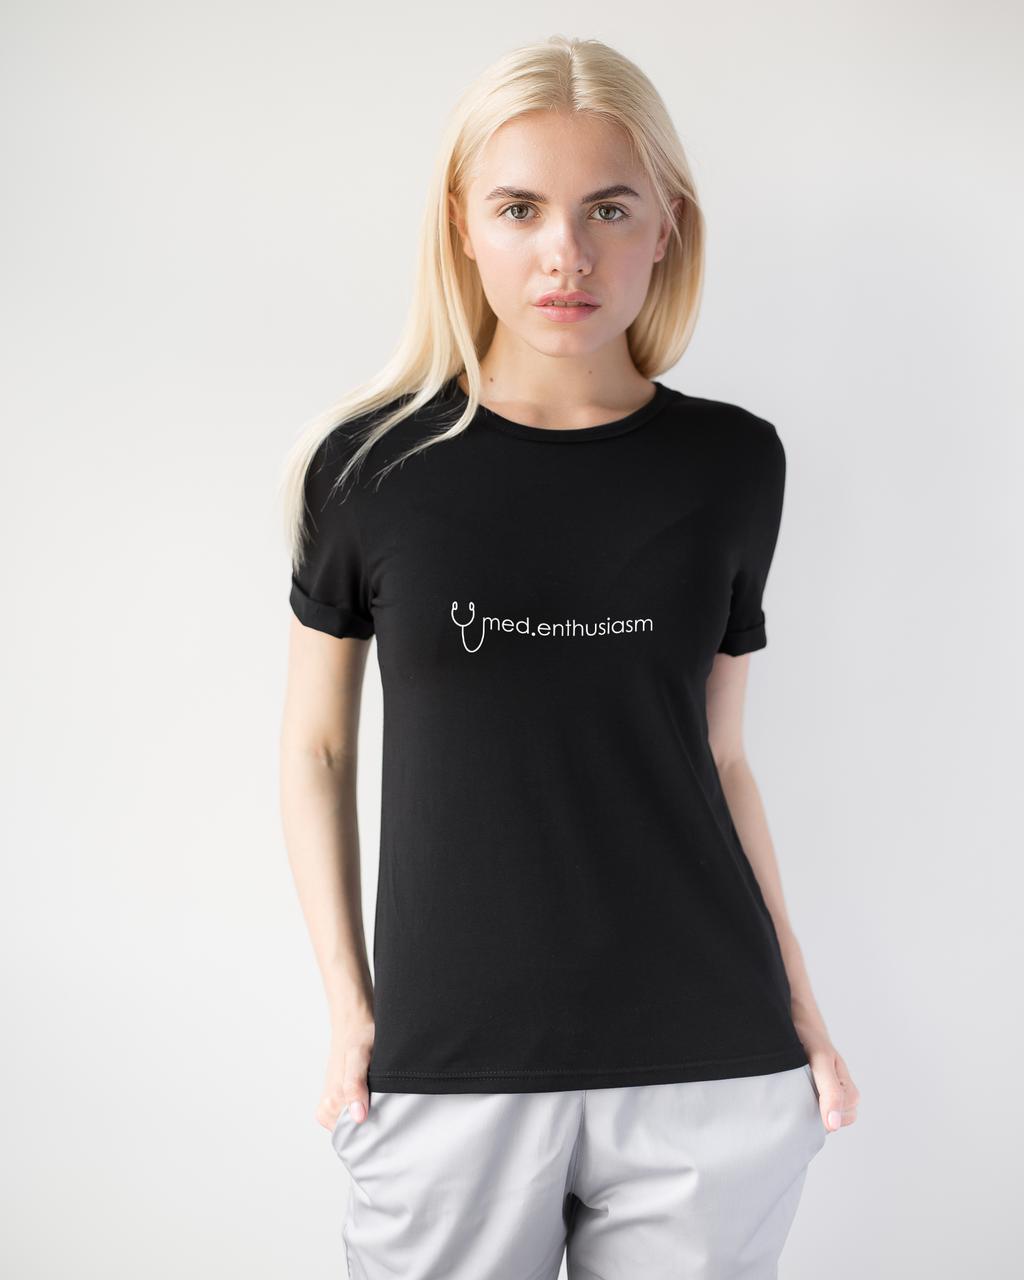 Женская футболка Модерн, черный принт Med entusiasm